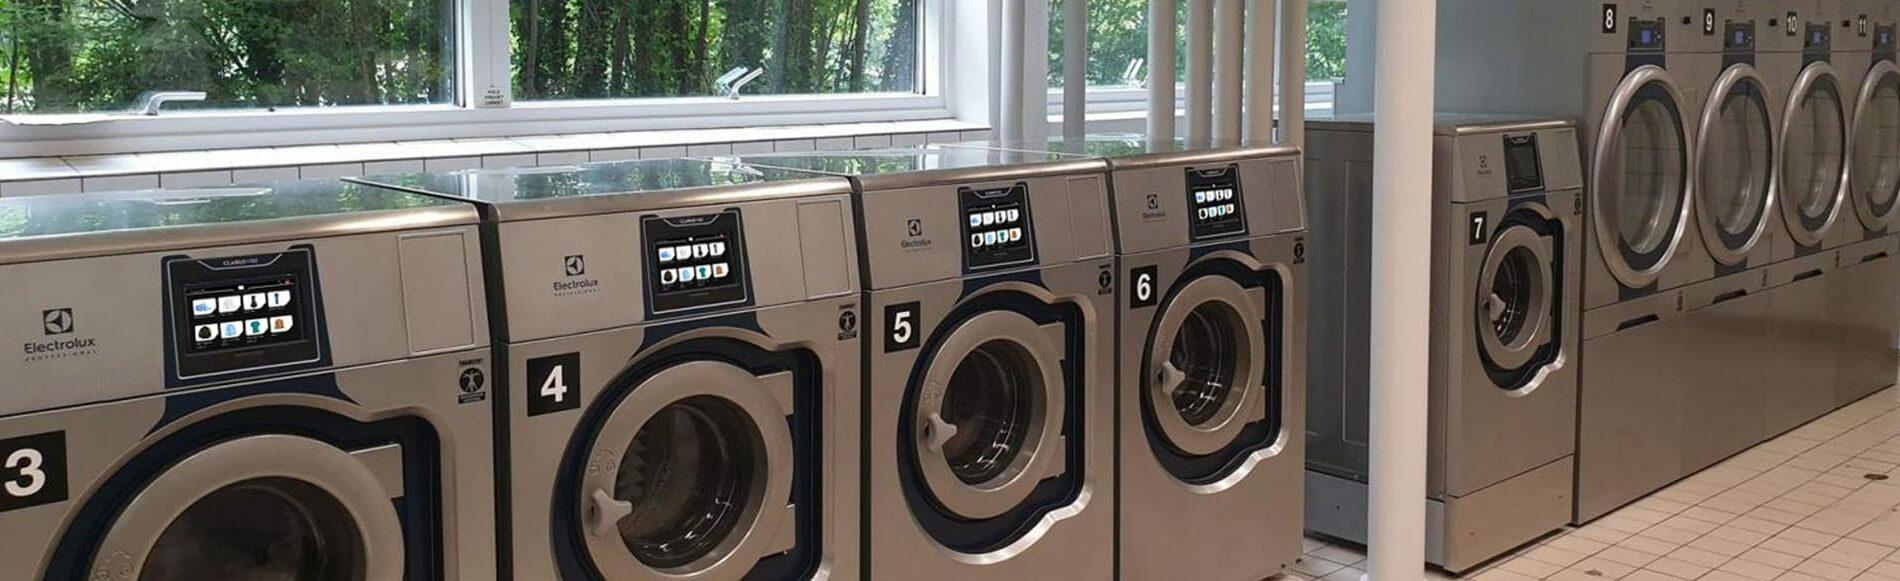 banner-laundry-desktop